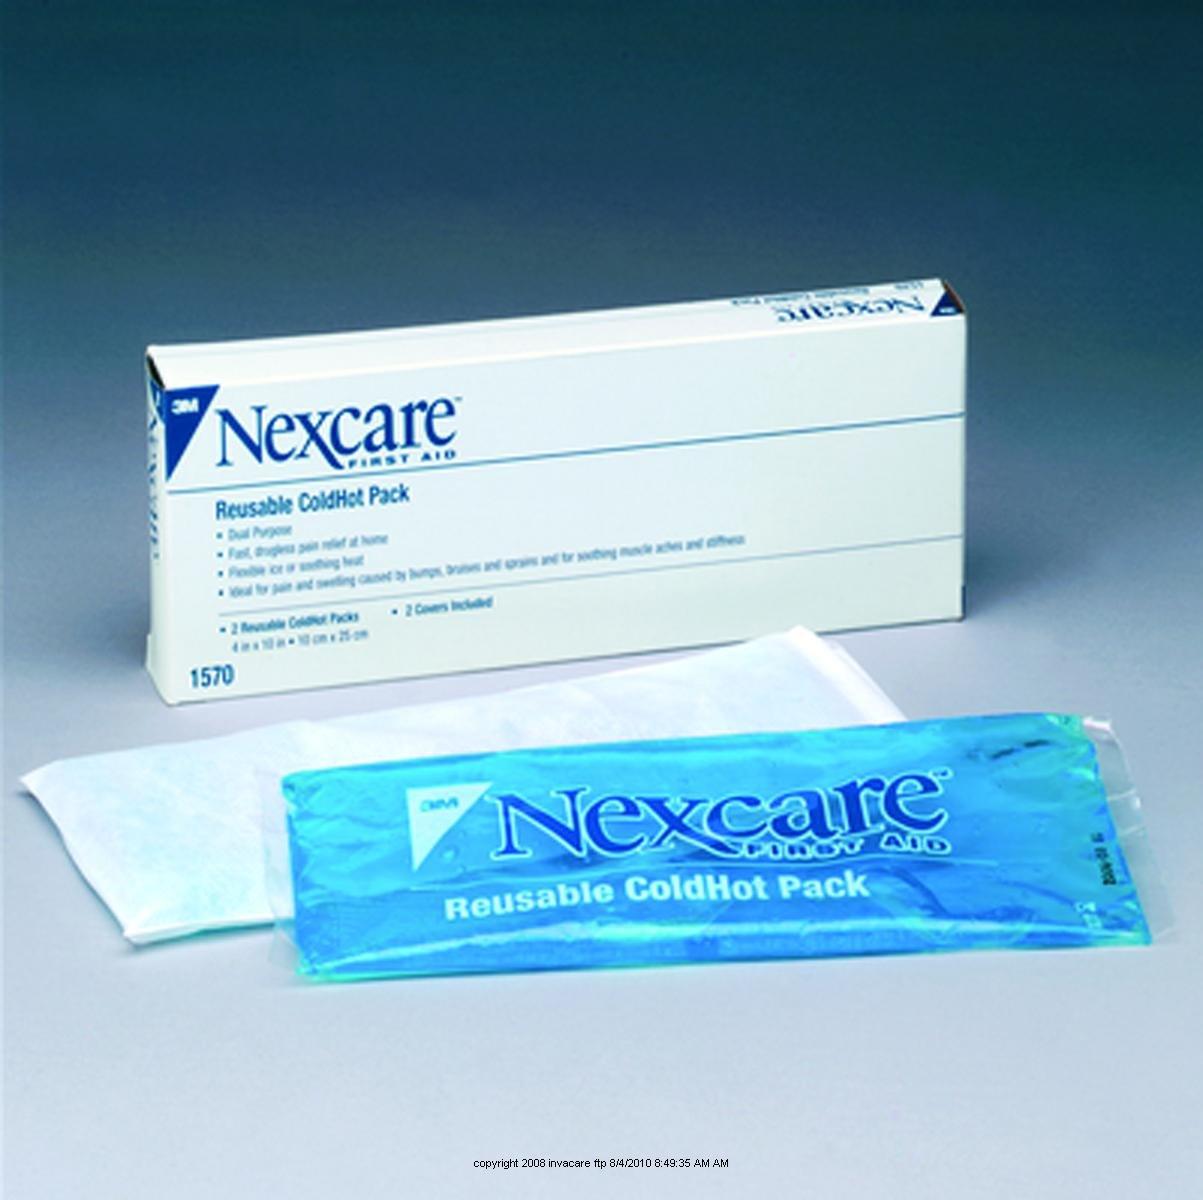 Box Of 2 Nexcare Reusable ColdHot Pack by 3M: Amazon.es: Salud y cuidado personal